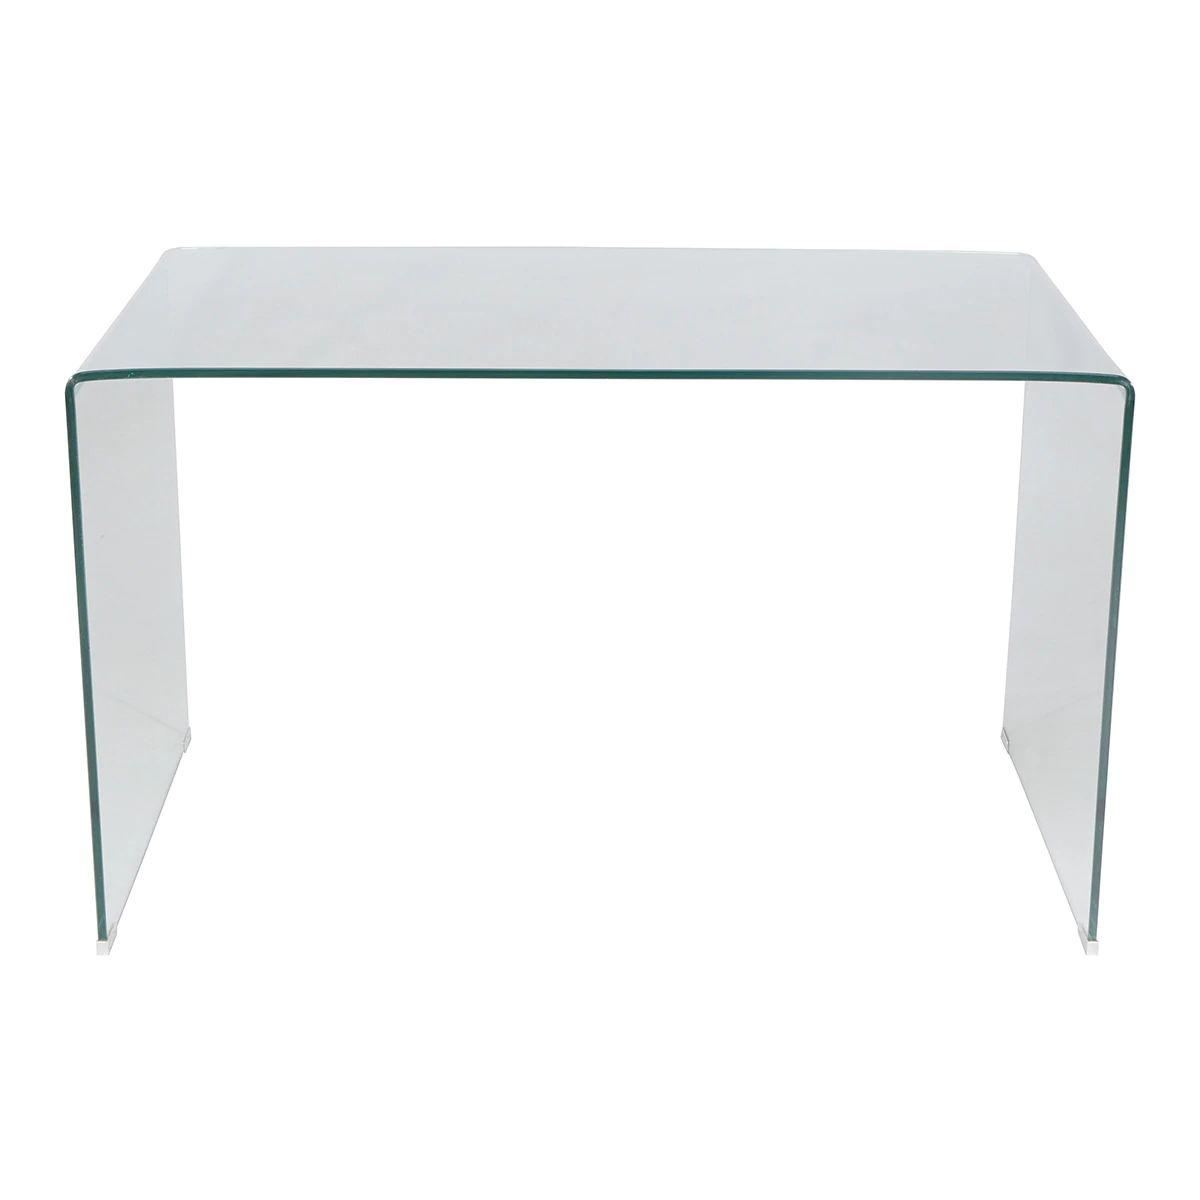 Mesa de escritorio de cristal templado Shiny El Corte Inglés